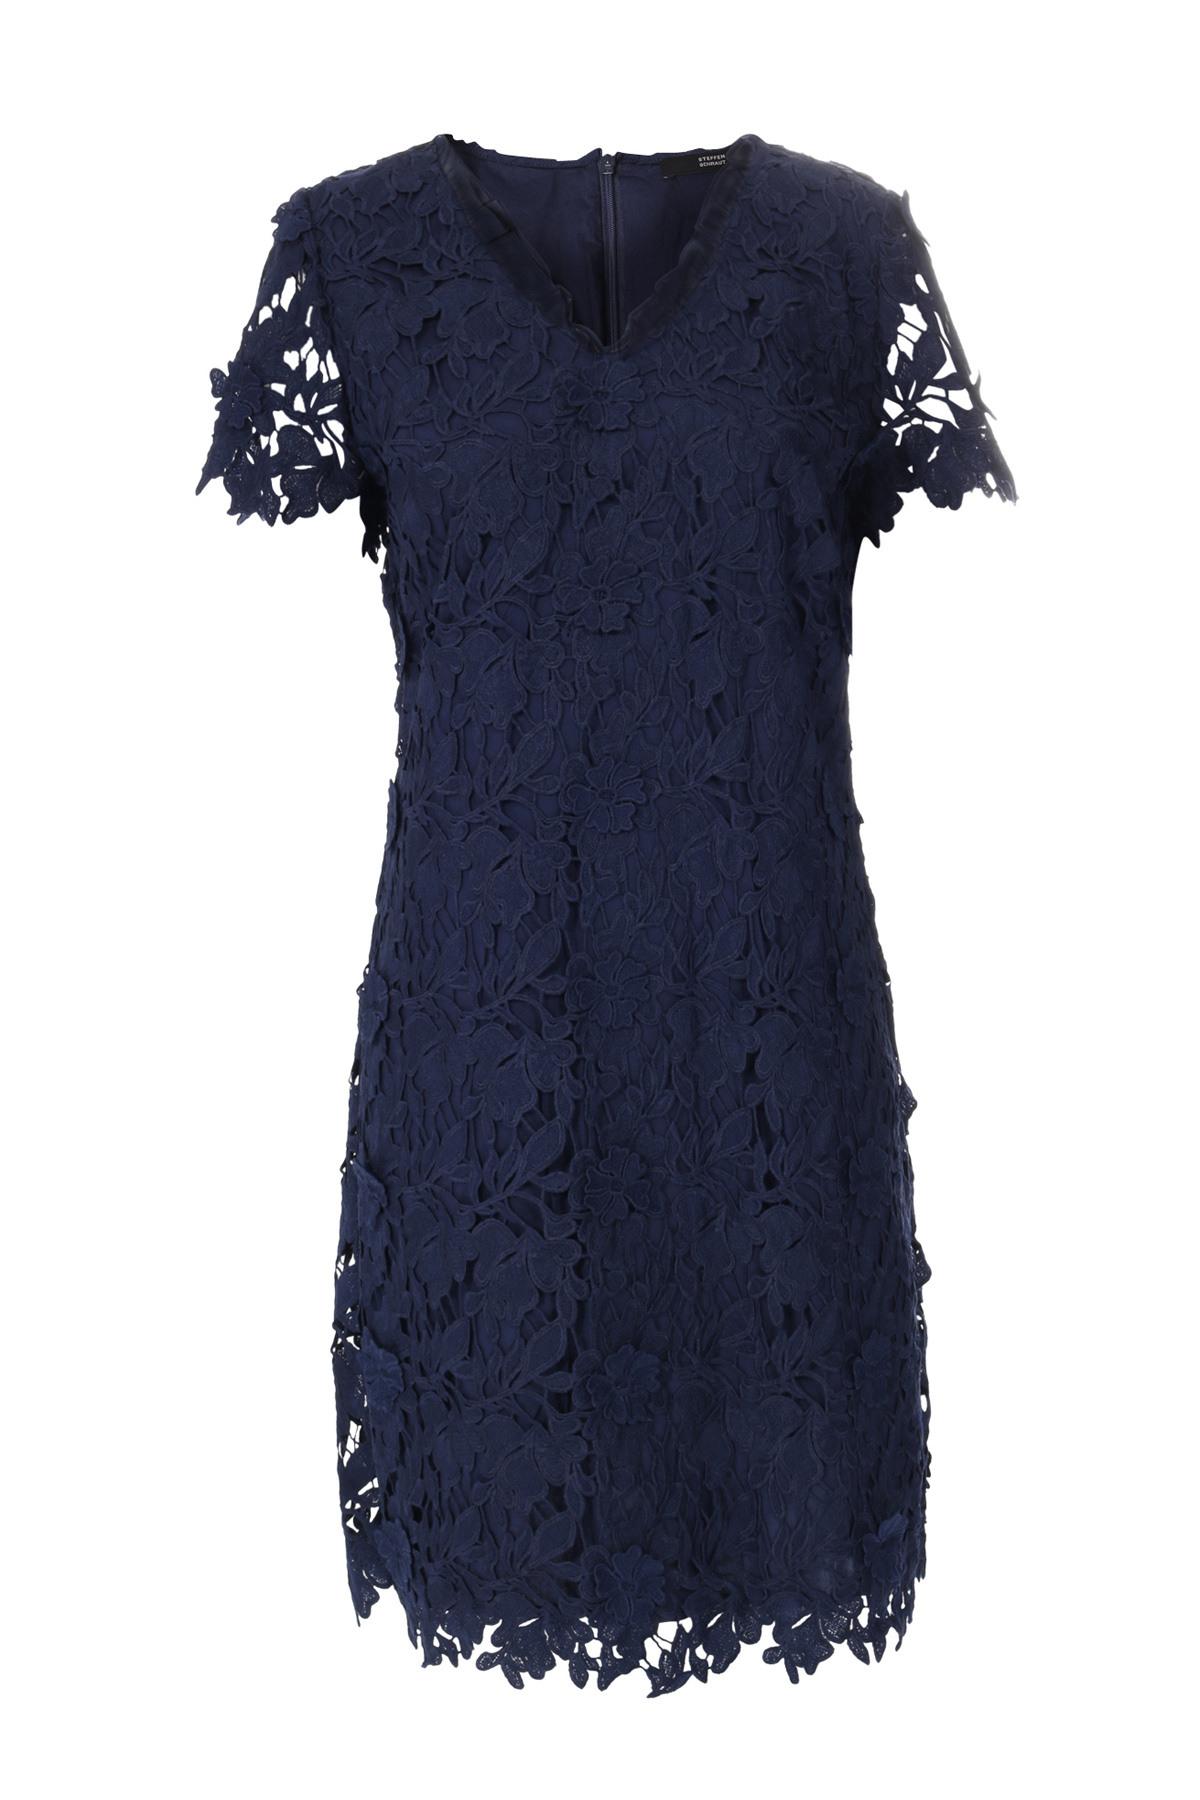 Luxus Kleid Mit Spitzenärmeln für 201920 Erstaunlich Kleid Mit Spitzenärmeln Stylish